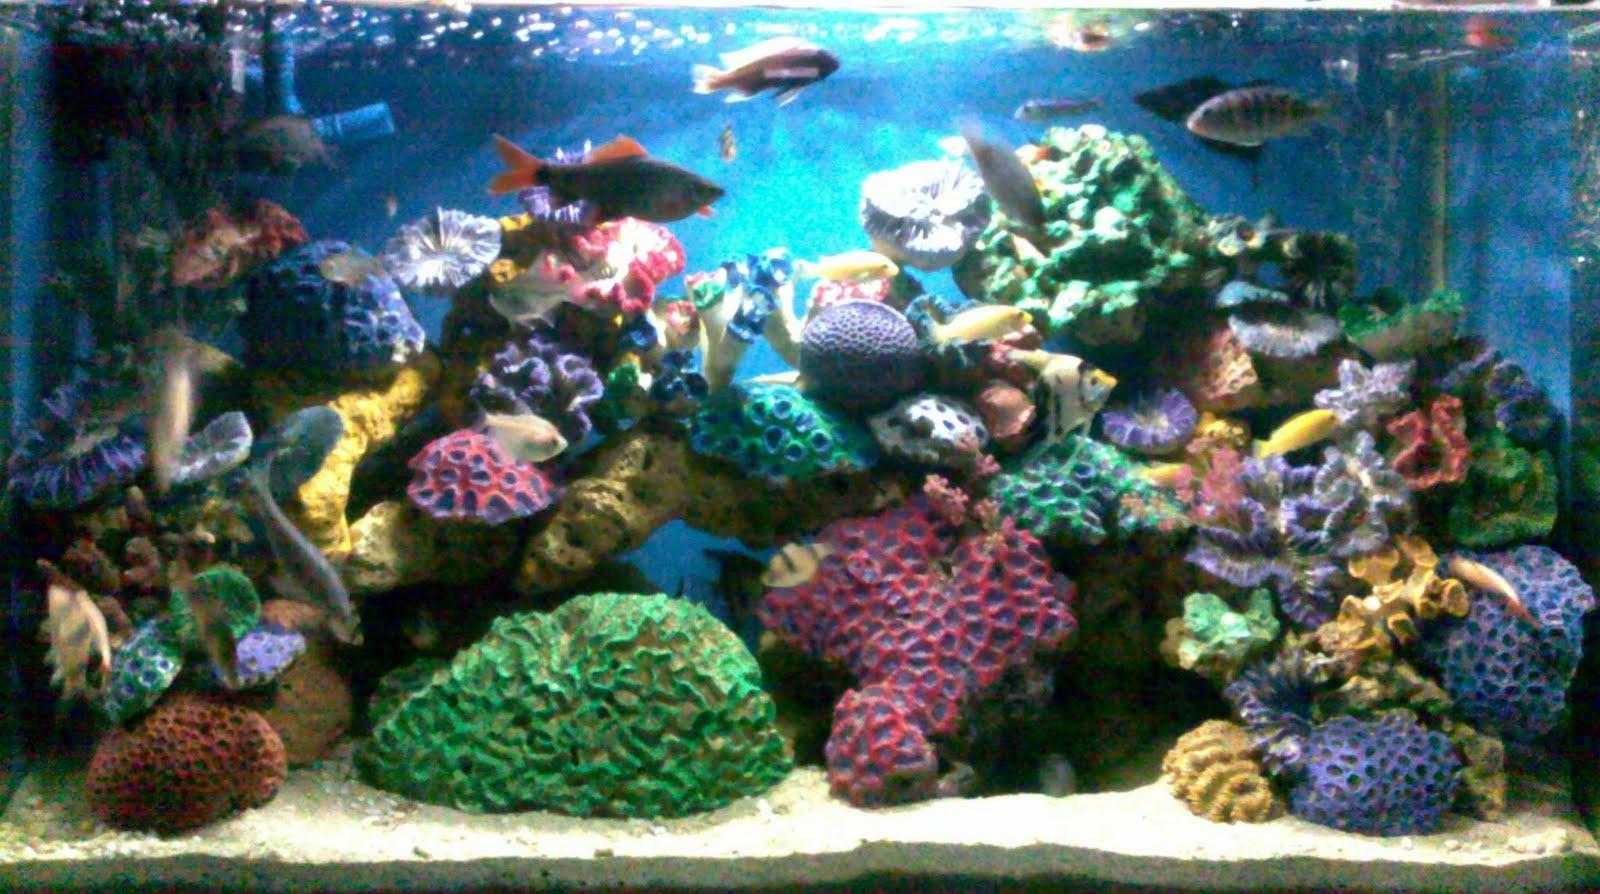 ikan chiklid juga bagus buat jenis ikan hias tawar ini gambar aquarium